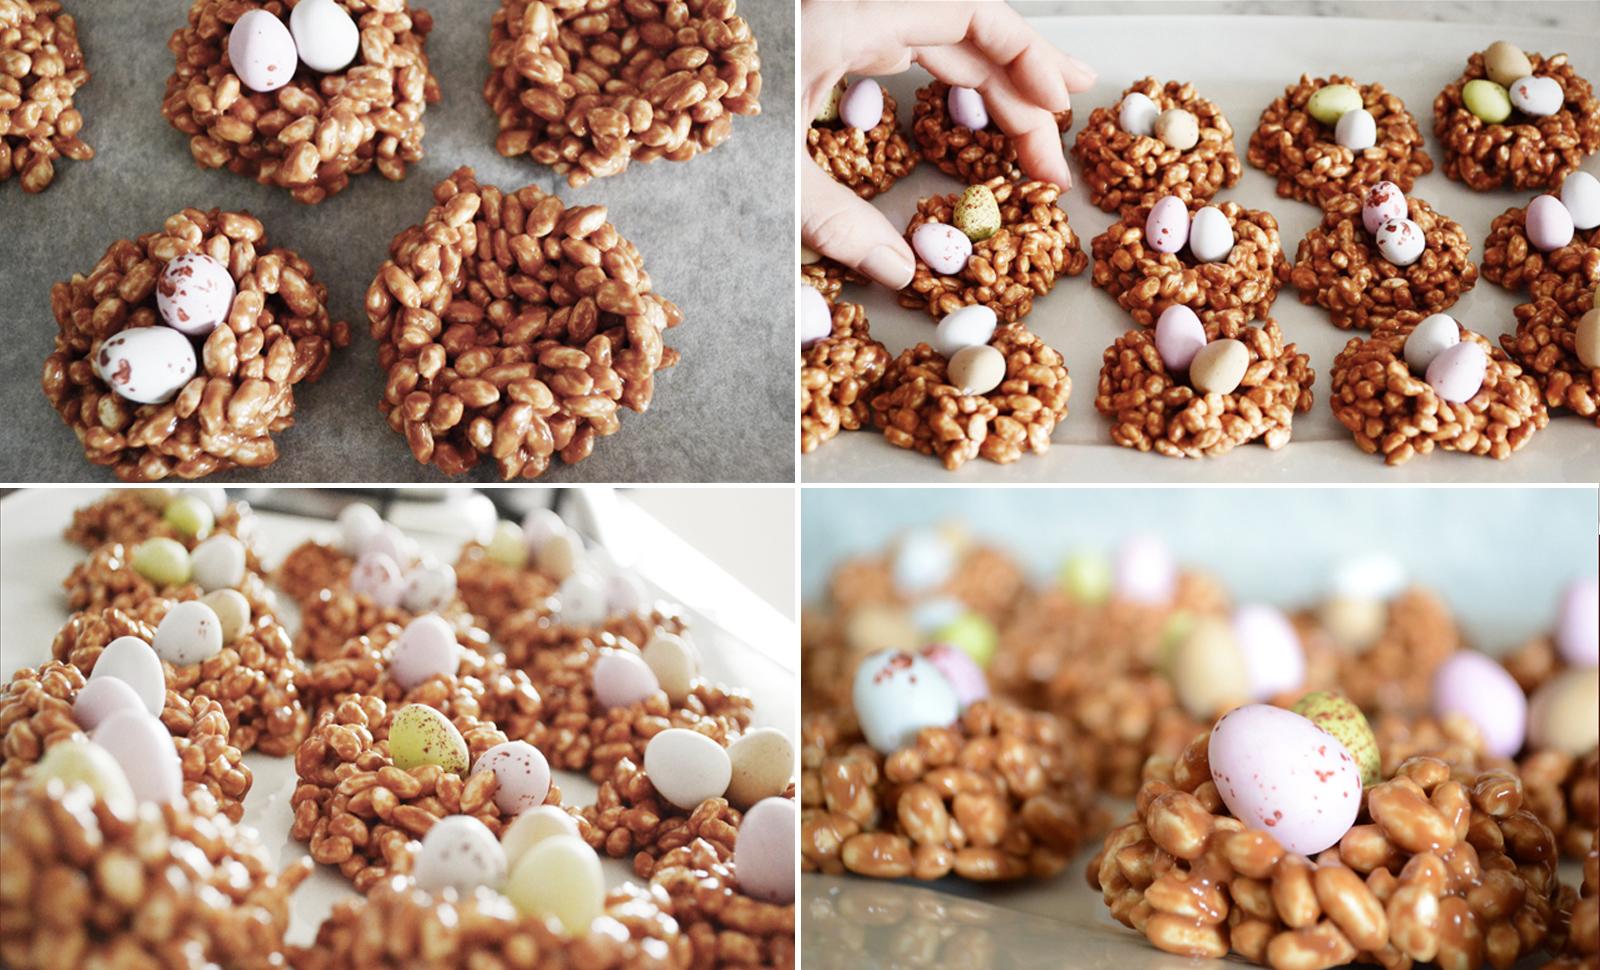 Tweedot - Lavoretti di Pasqua - Dolci di Pasqua con Mini Uova di Pasqua di Cioccolato e Riso Soffiato